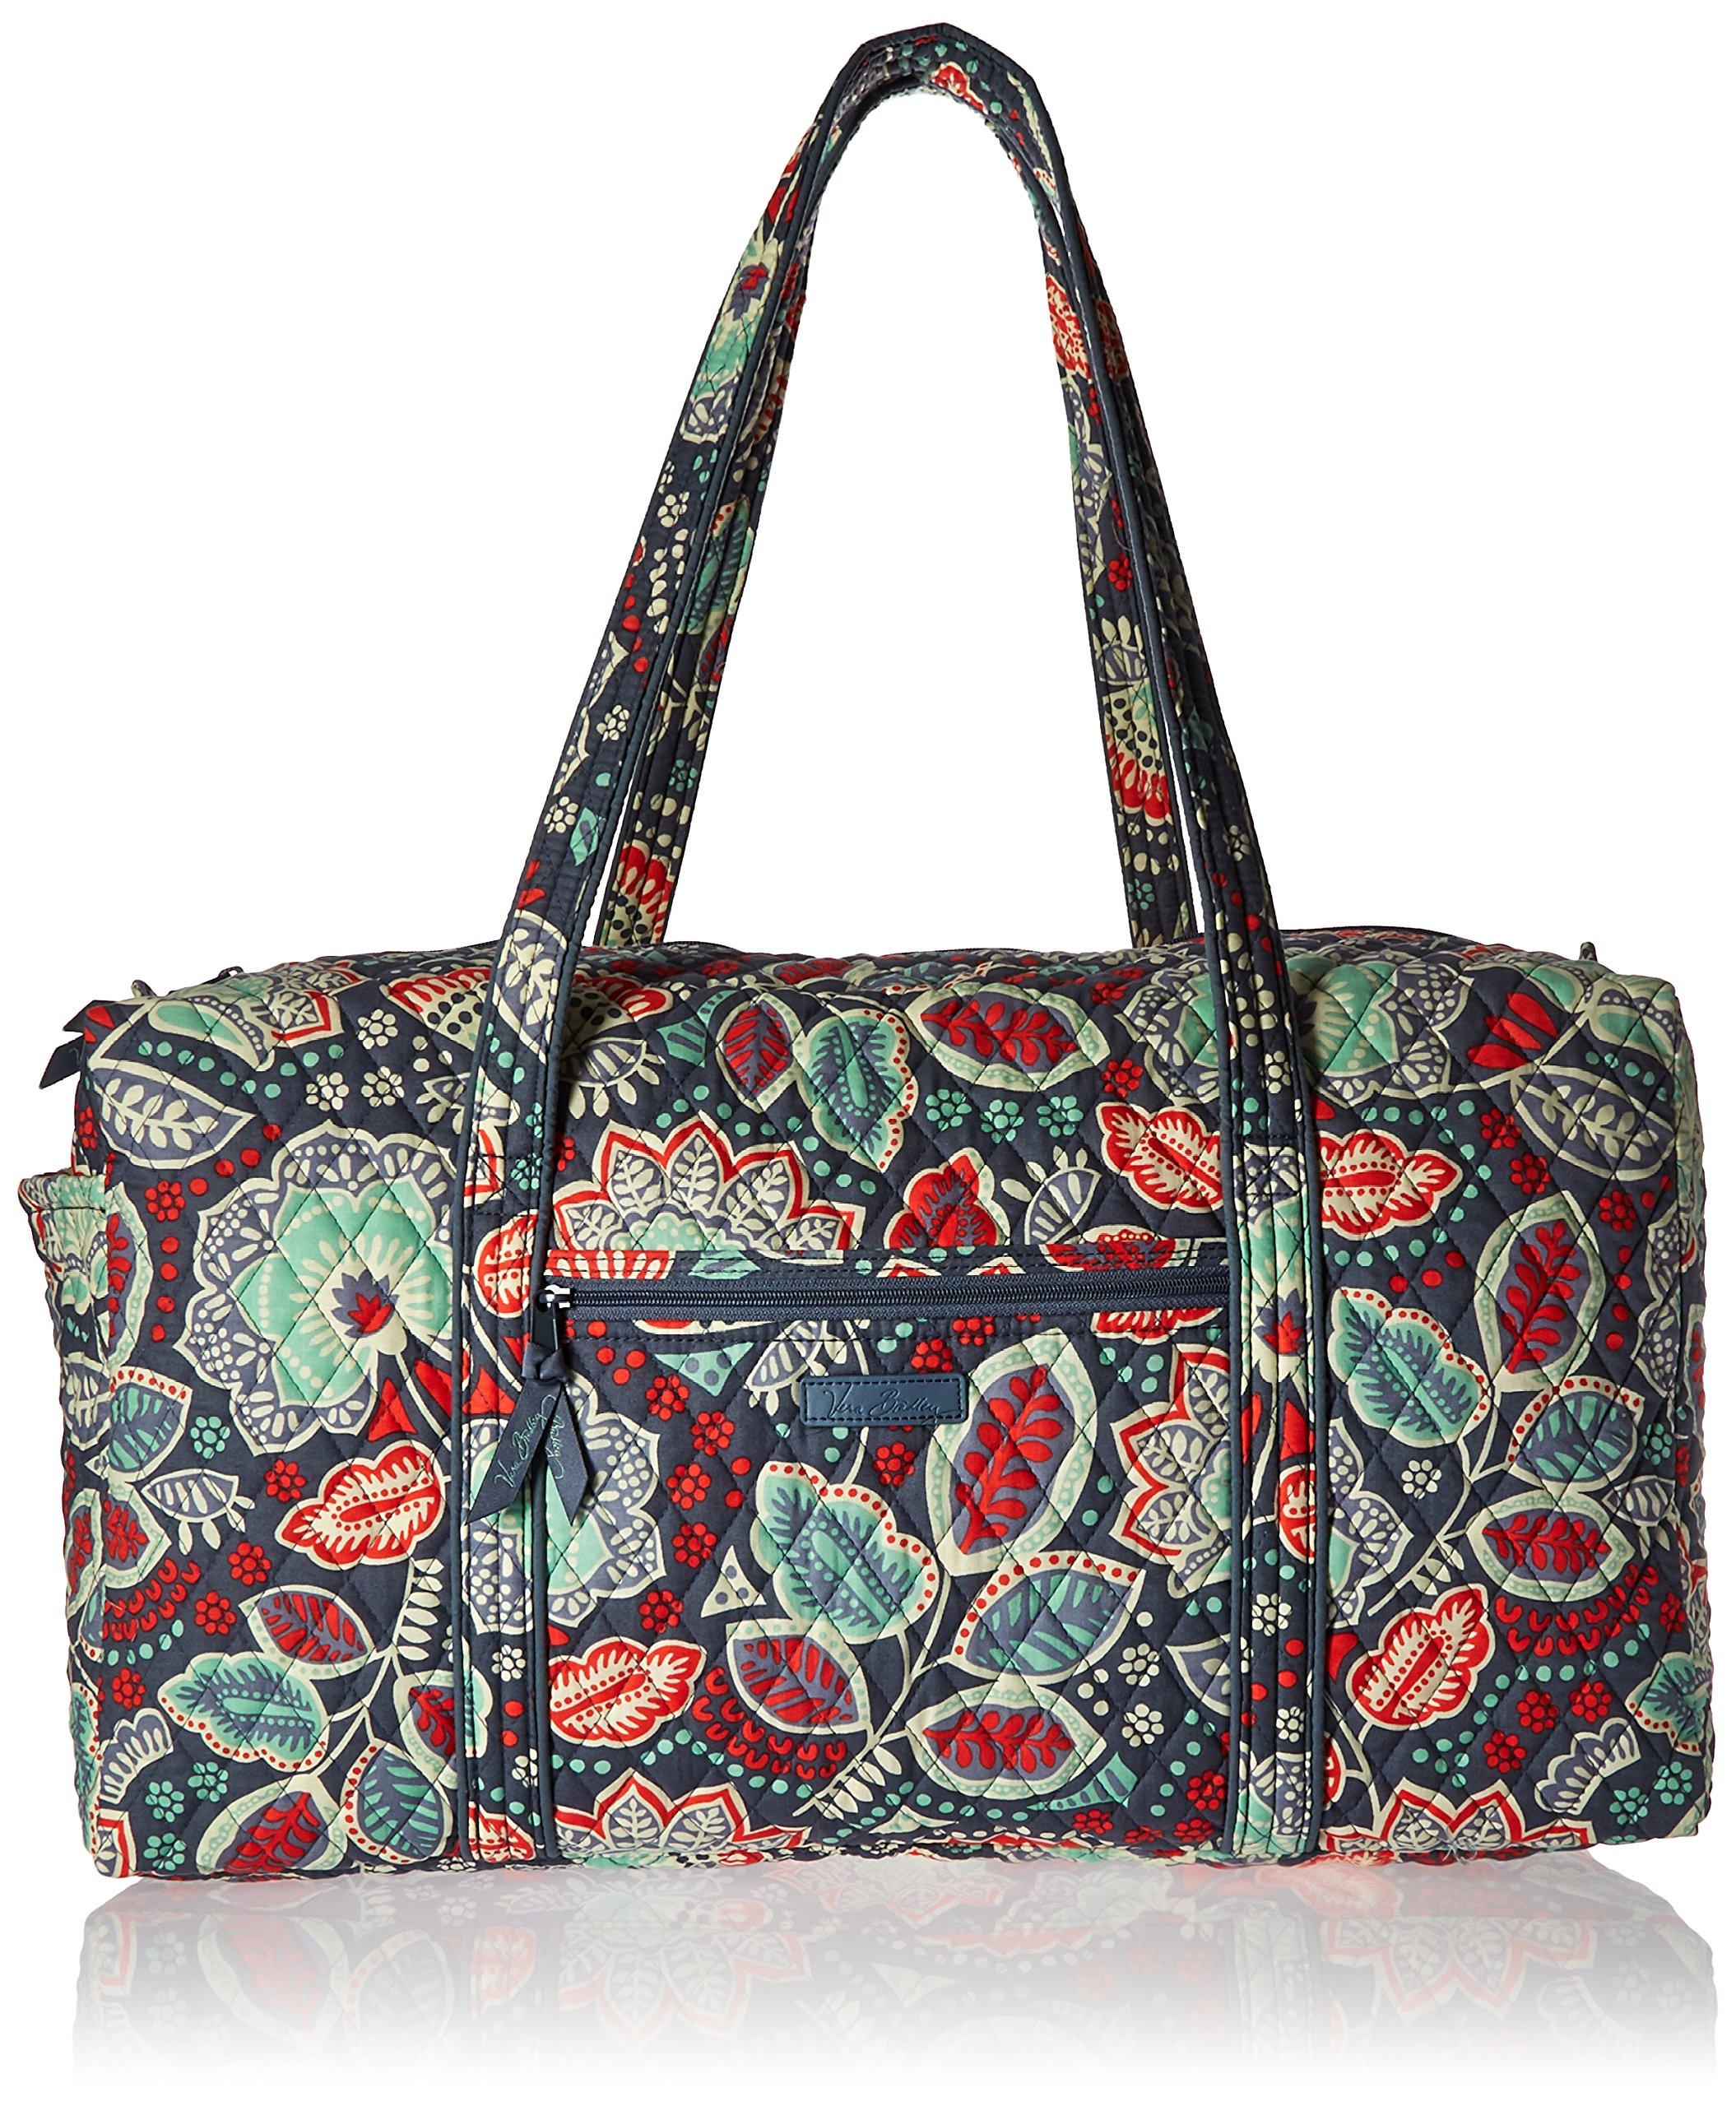 Vera Bradley Luggage Women's Large Duffel Nomadic Floral Duffel Bag by Vera Bradley (Image #1)